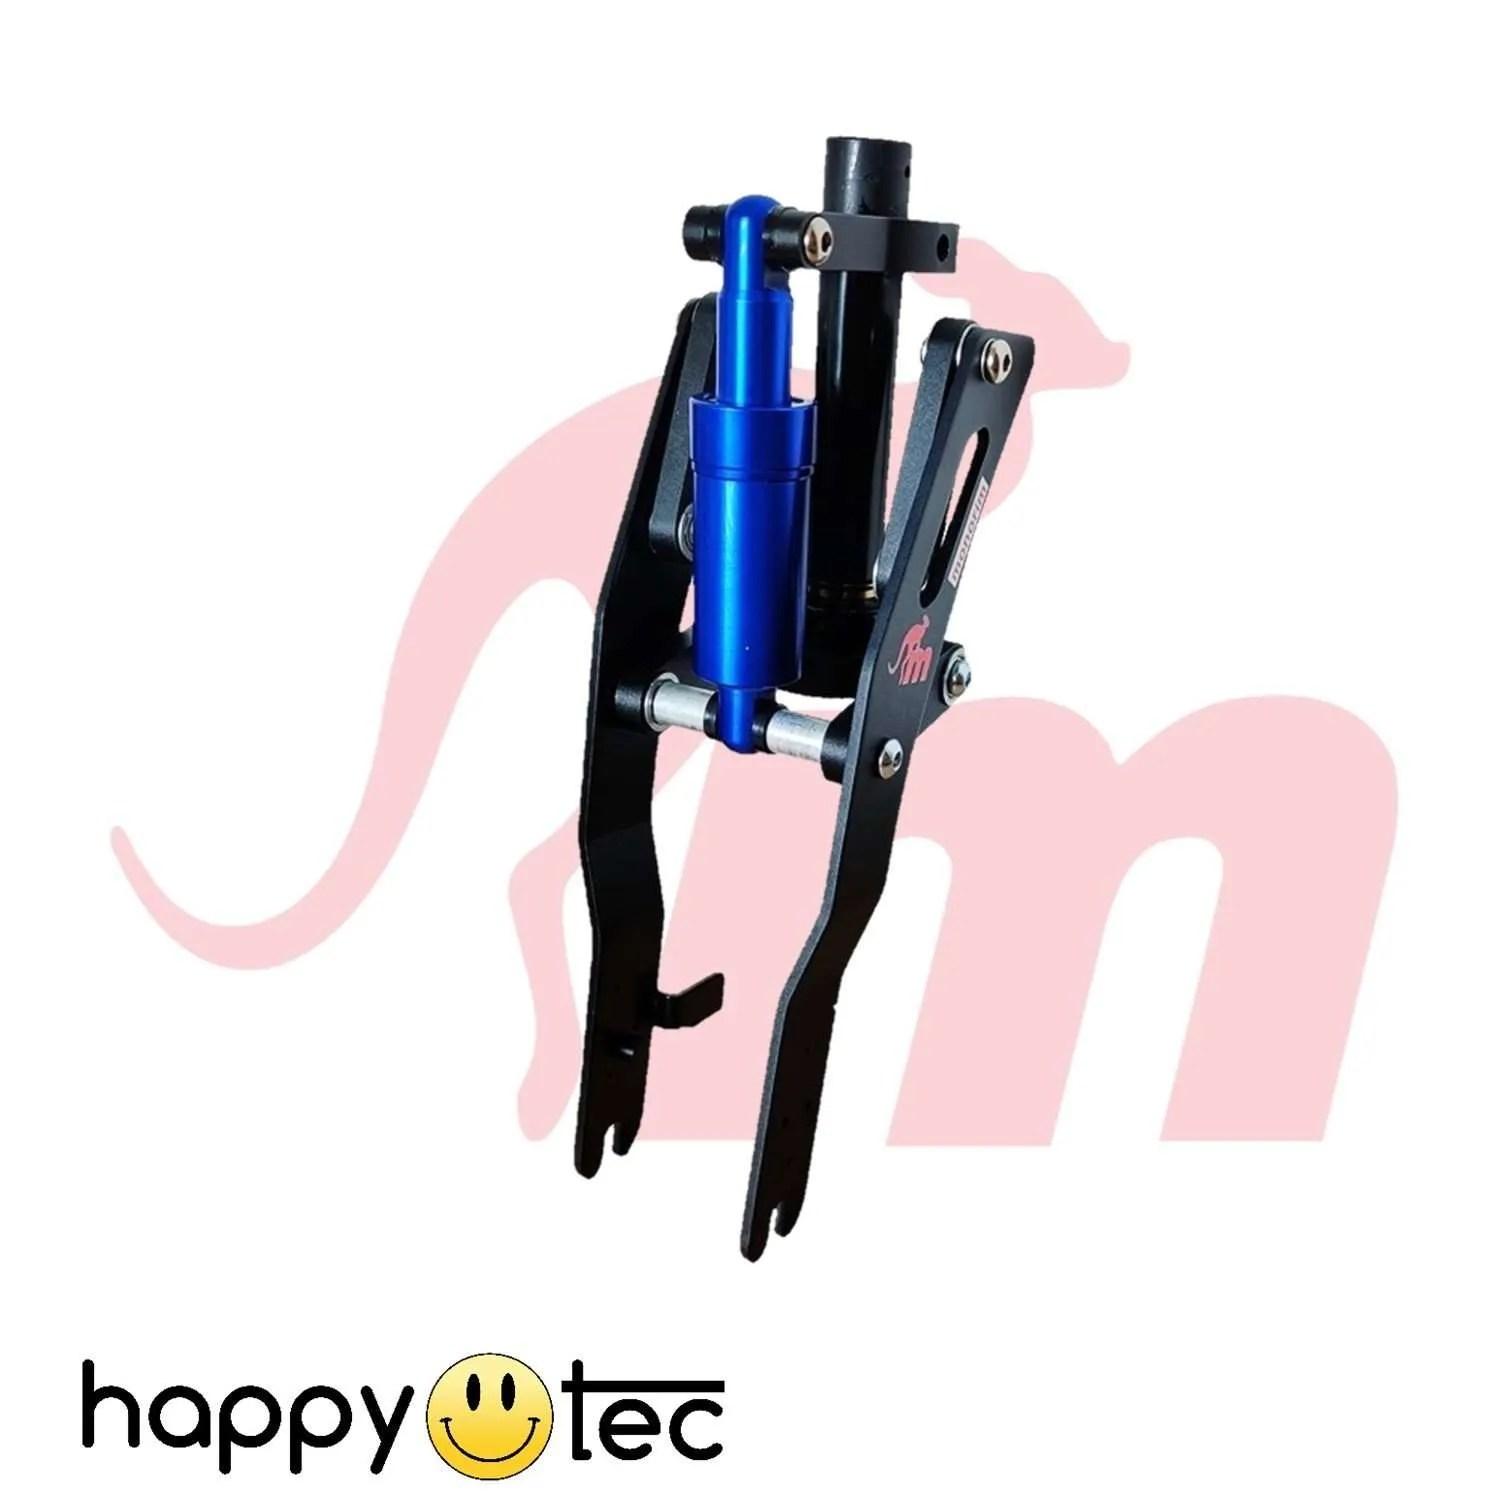 Ninebot-G30-Max-Ammortizzatore-anteriore-V2-by-Monorim-Nero-e-blu-1 ricambi accessori riparazione assistenza tecnica monopattini elettrici monorim